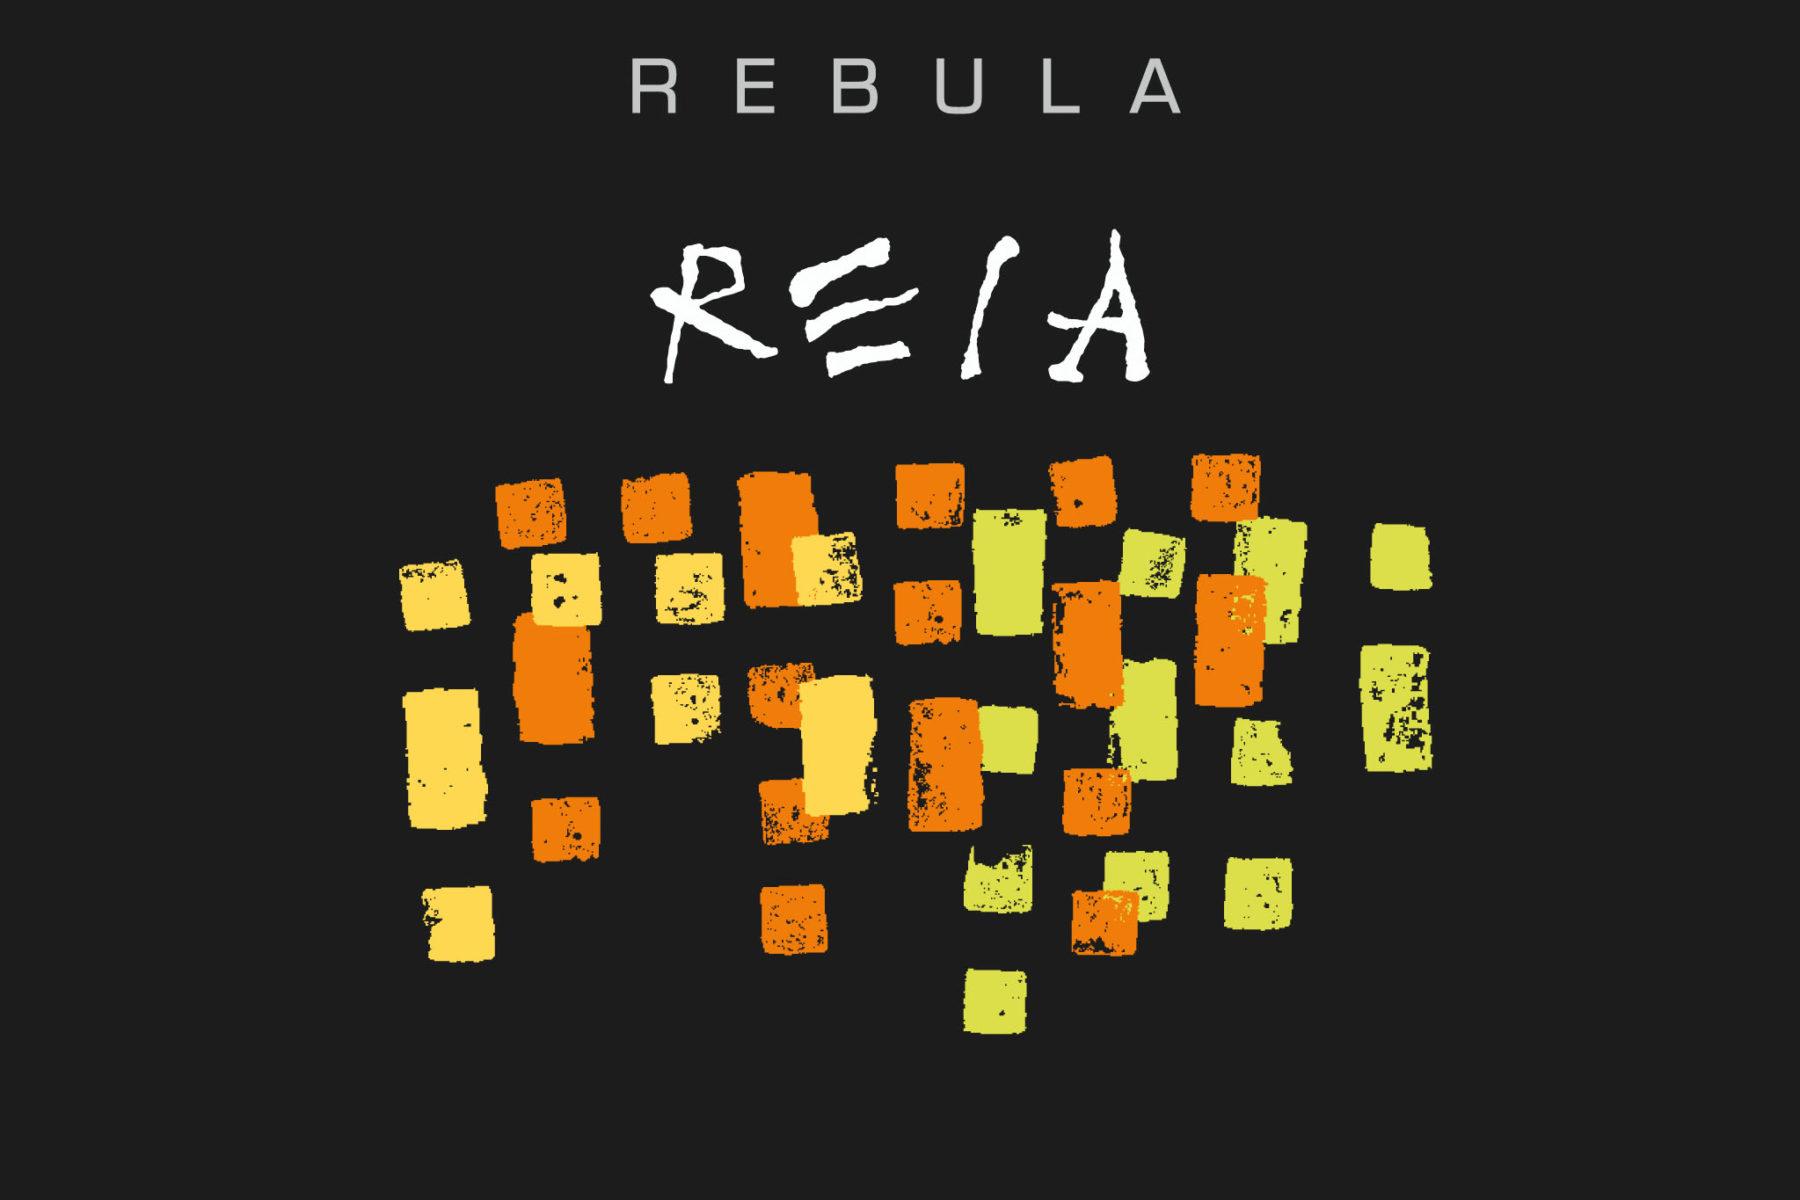 Reia - etiketa REBULA